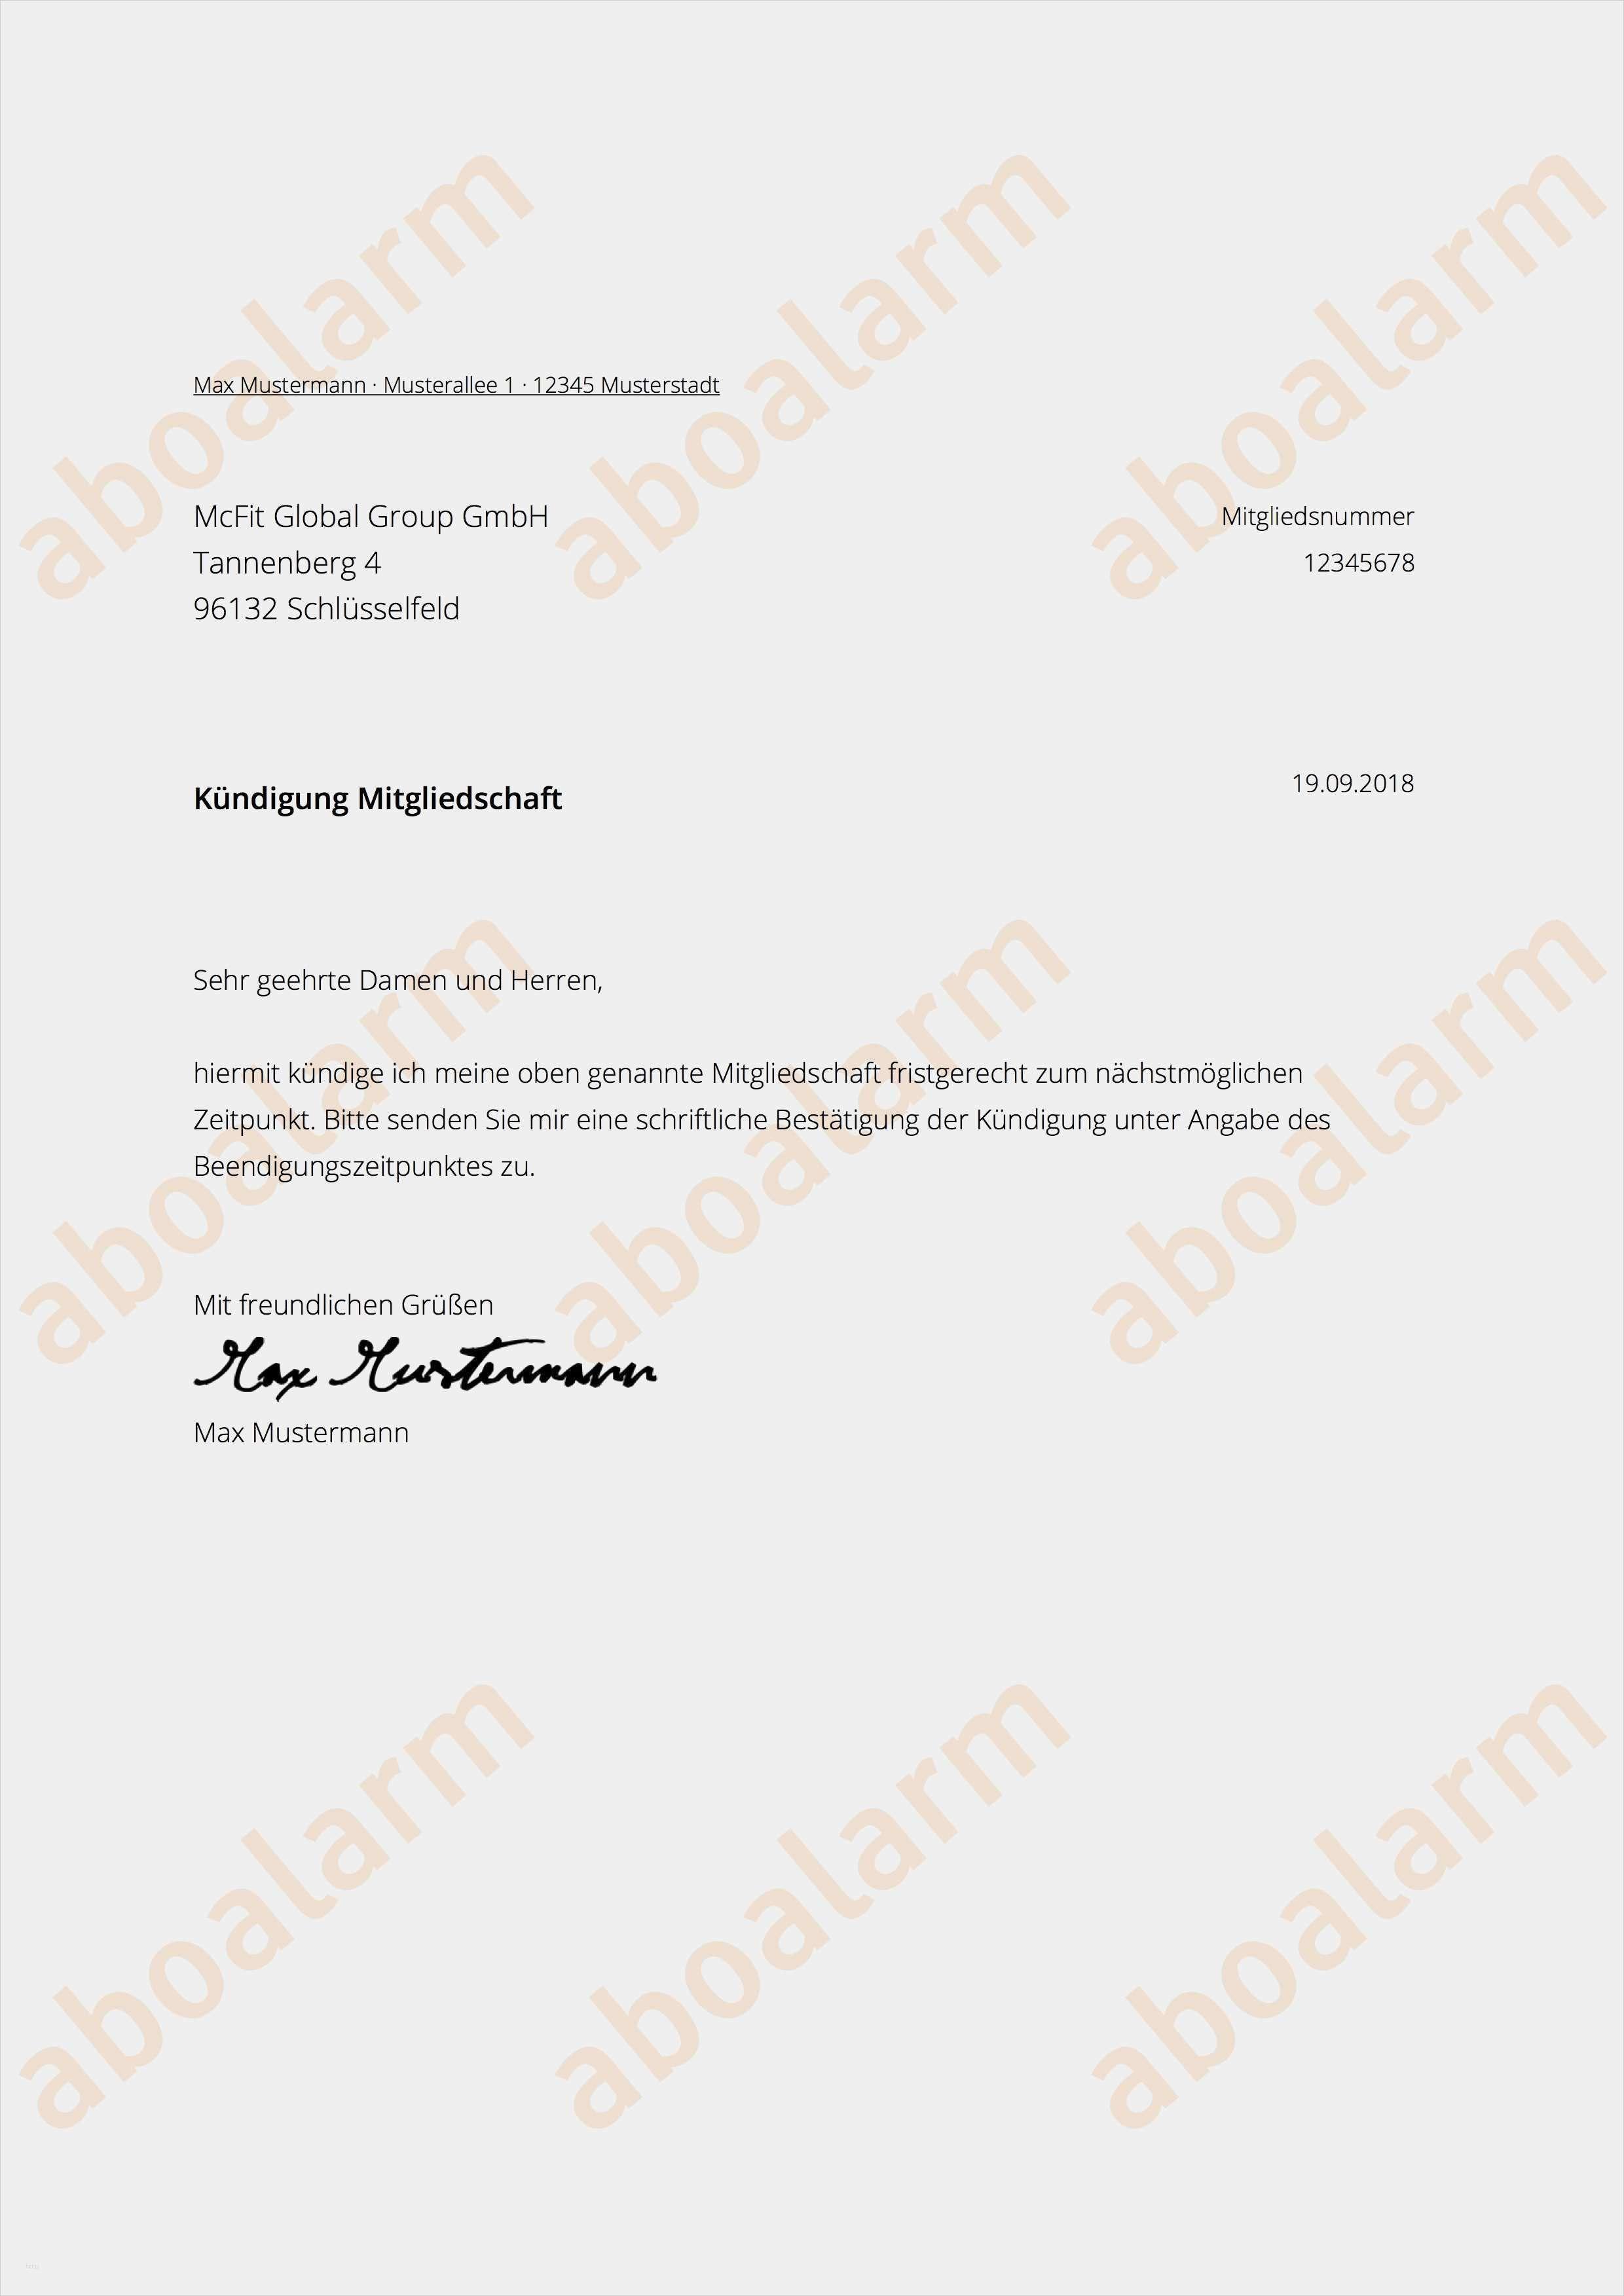 32 Angenehm Unitymedia Sonderkundigung Vorlage Abbildung In 2020 Vorlagen Word Vorlagen Flugblatt Design